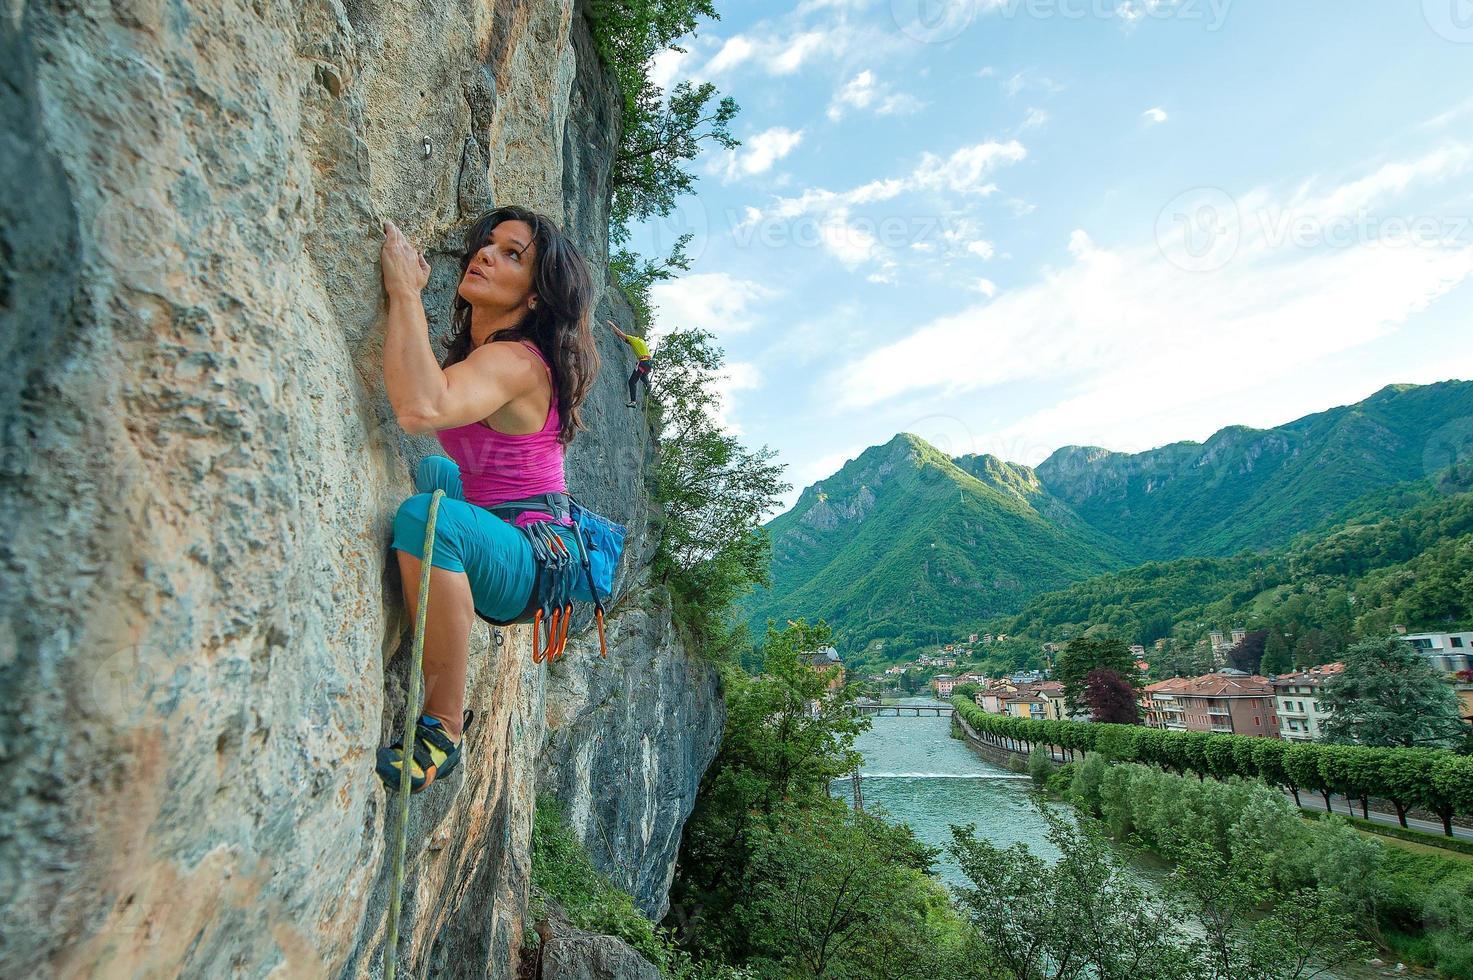 Chica practicando escalada libre en roca con panorama de la aldea foto